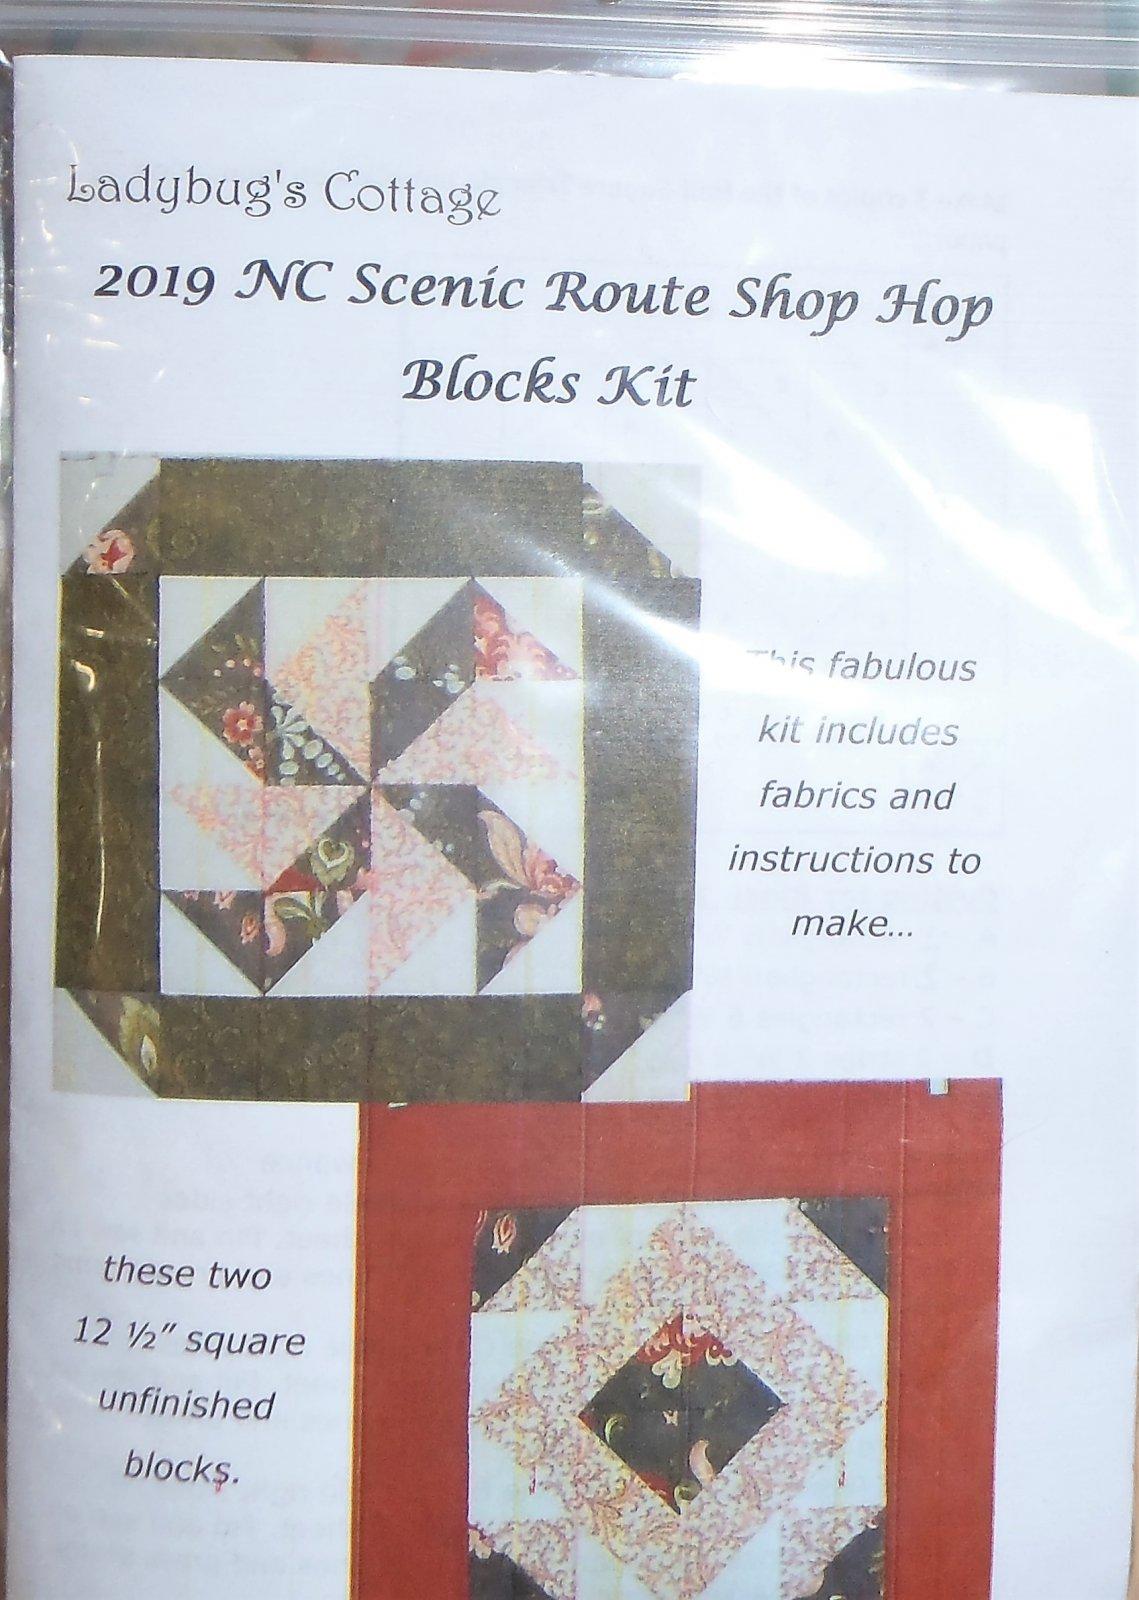 2019 NC Scenic Route Shop Hop Kit